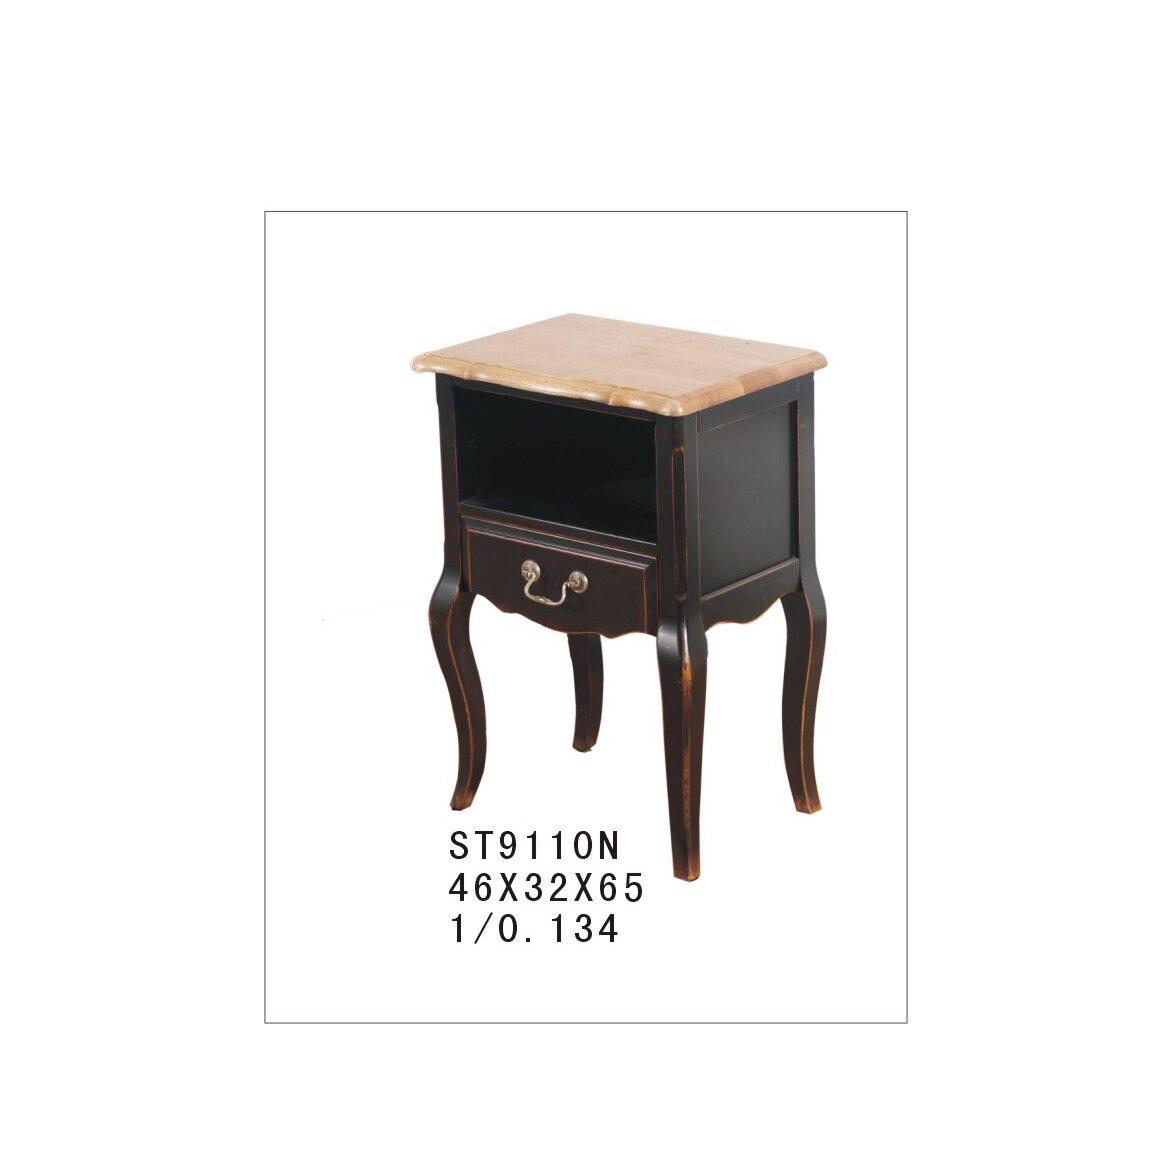 Прикроватная тумба с ящиком и полкой Leontina, черного цвета 4 | Прикроватные тумбы Kingsby